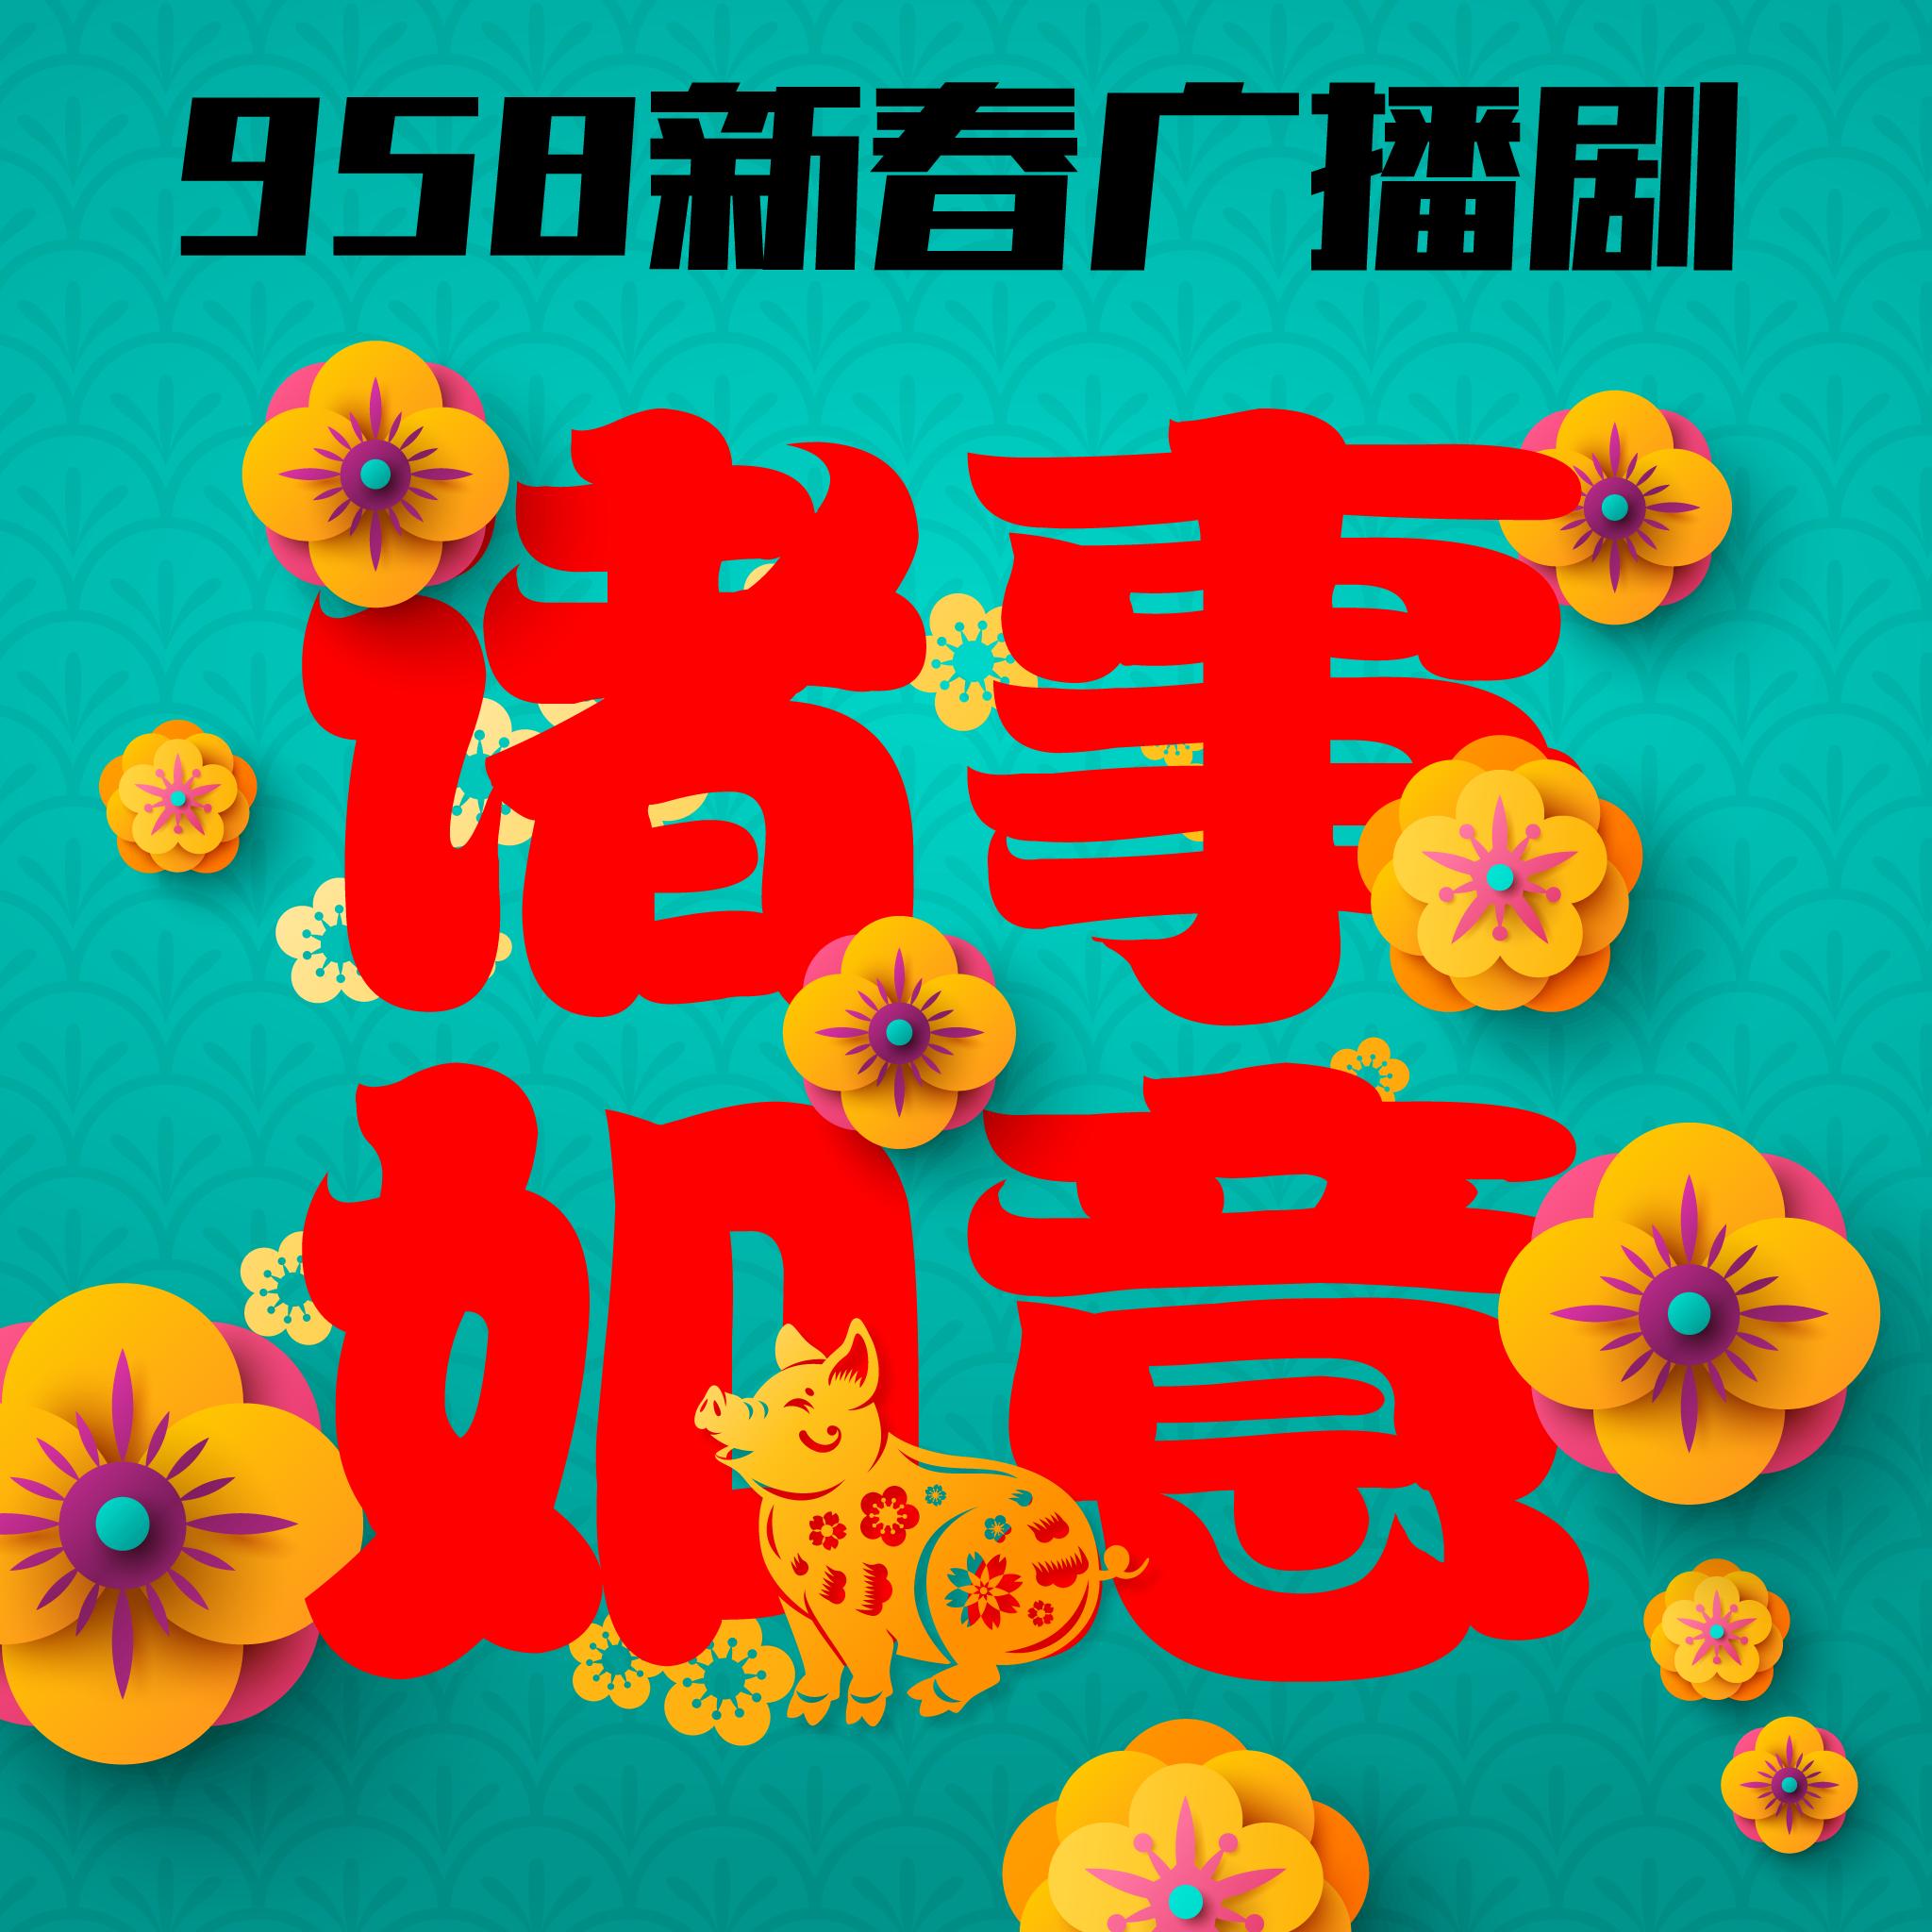 958新春广播剧【诸事如意】